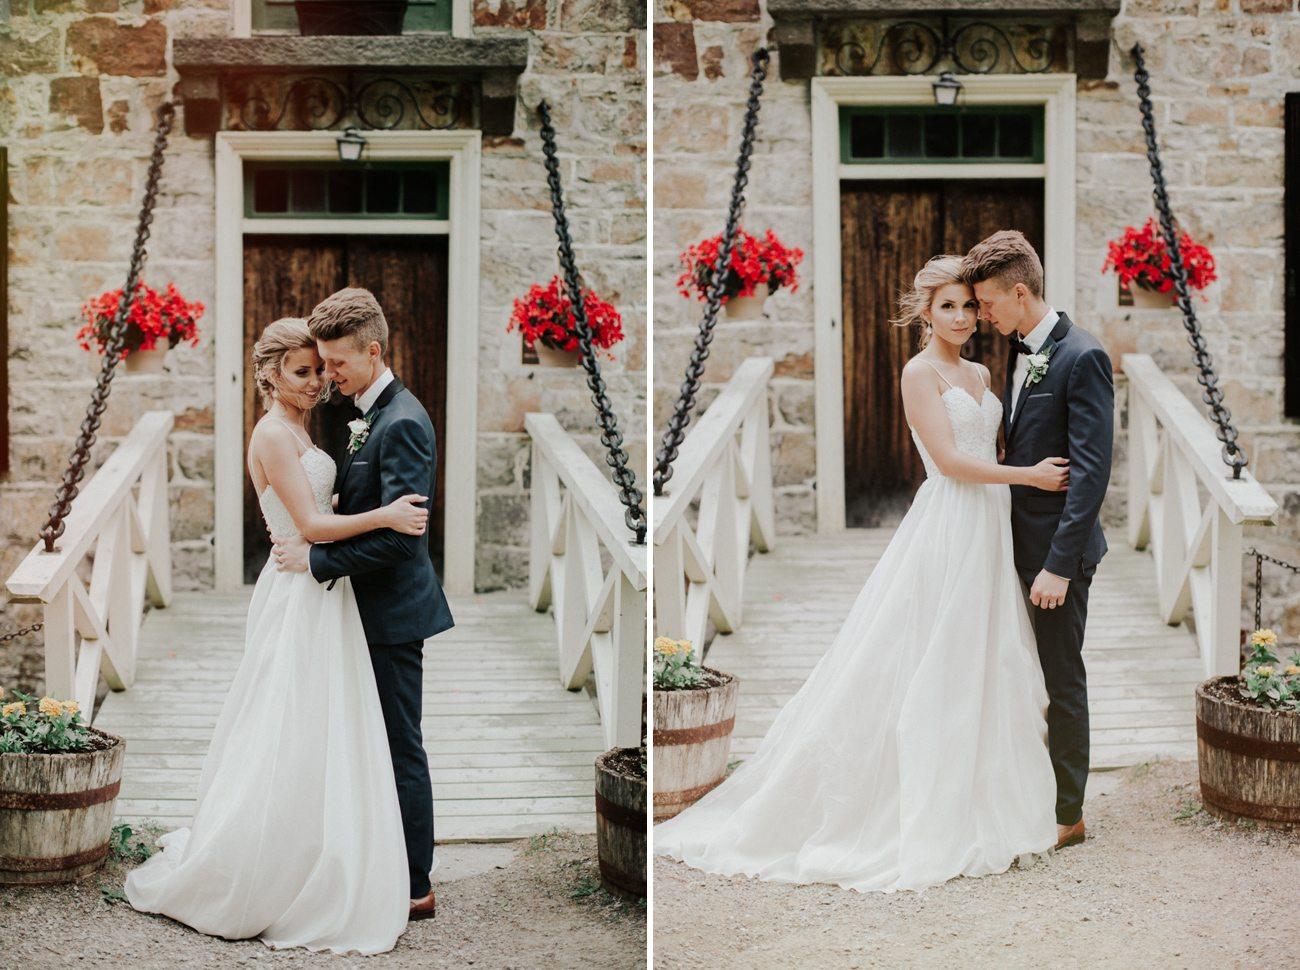 305-victoria-wedding-photographer